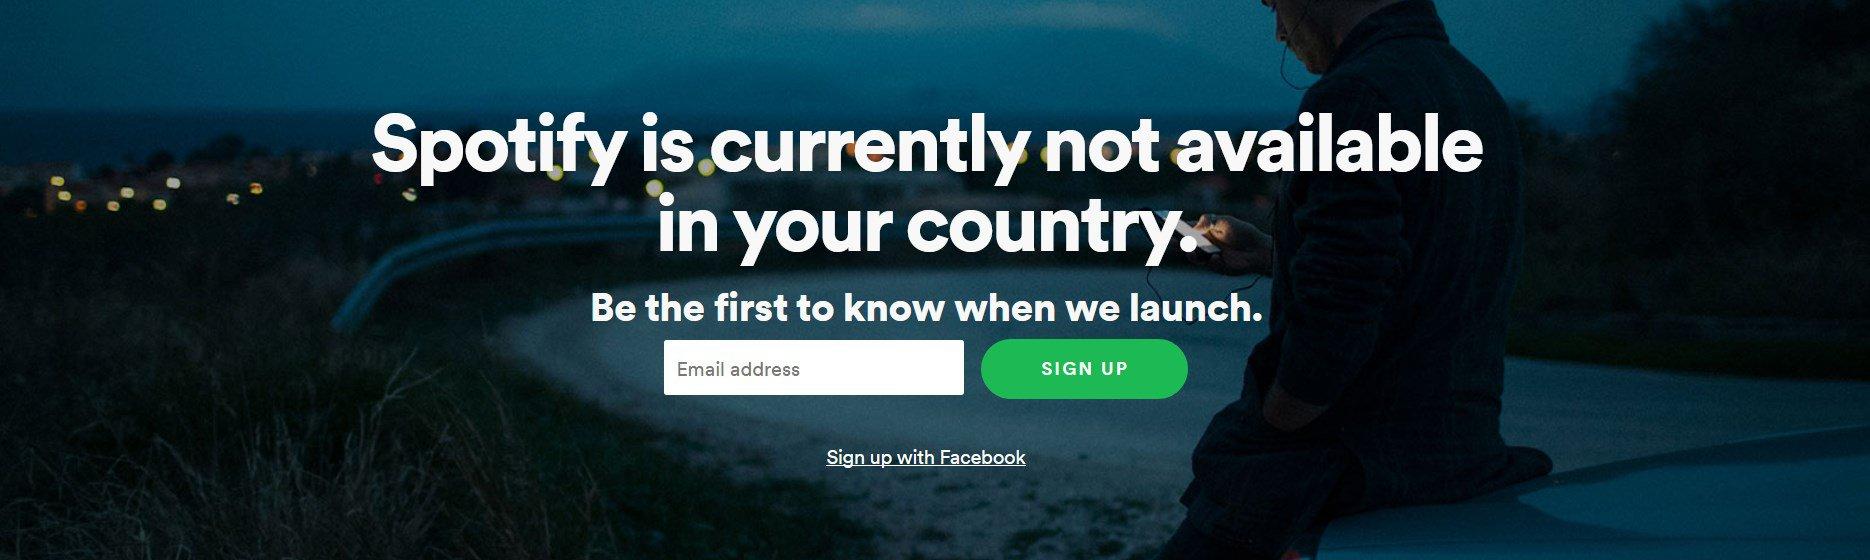 Регистрация на Spotify для пользователей из России